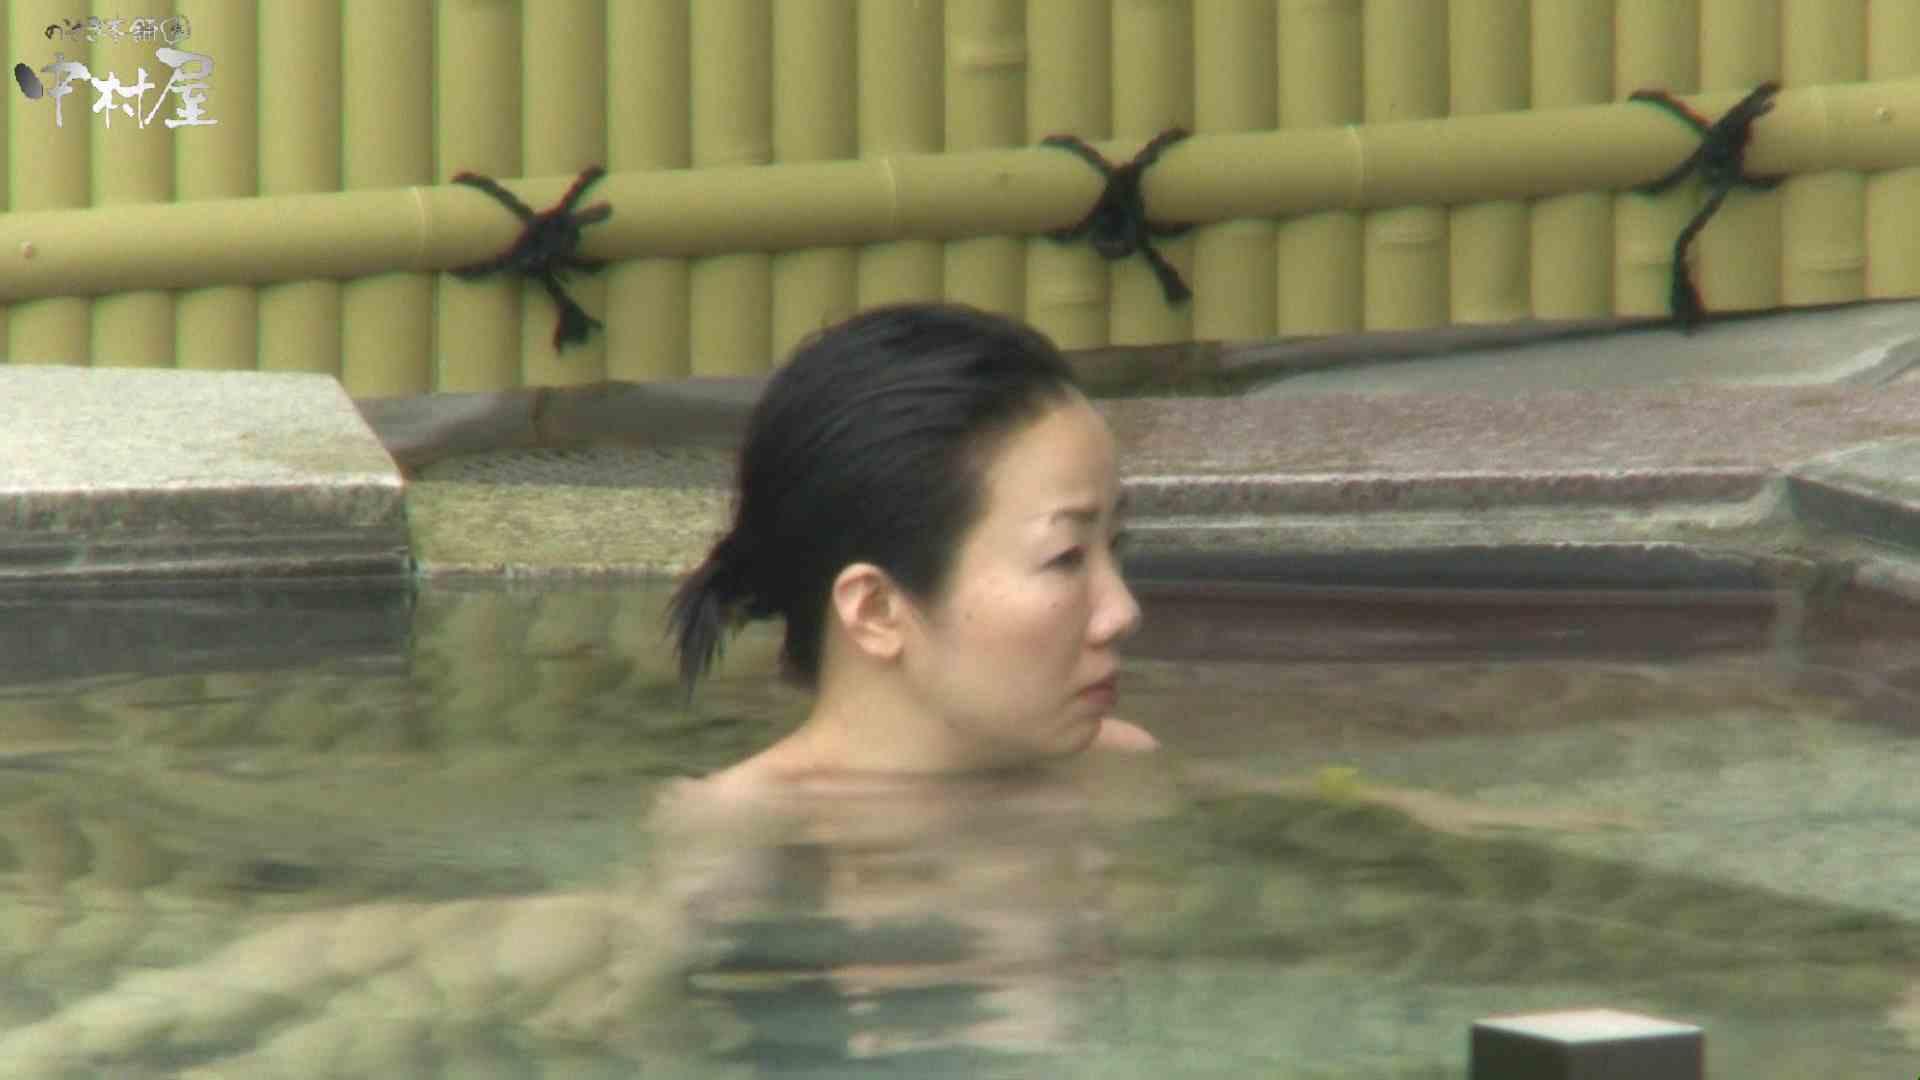 Aquaな露天風呂Vol.950 盗撮シリーズ  80PIX 28